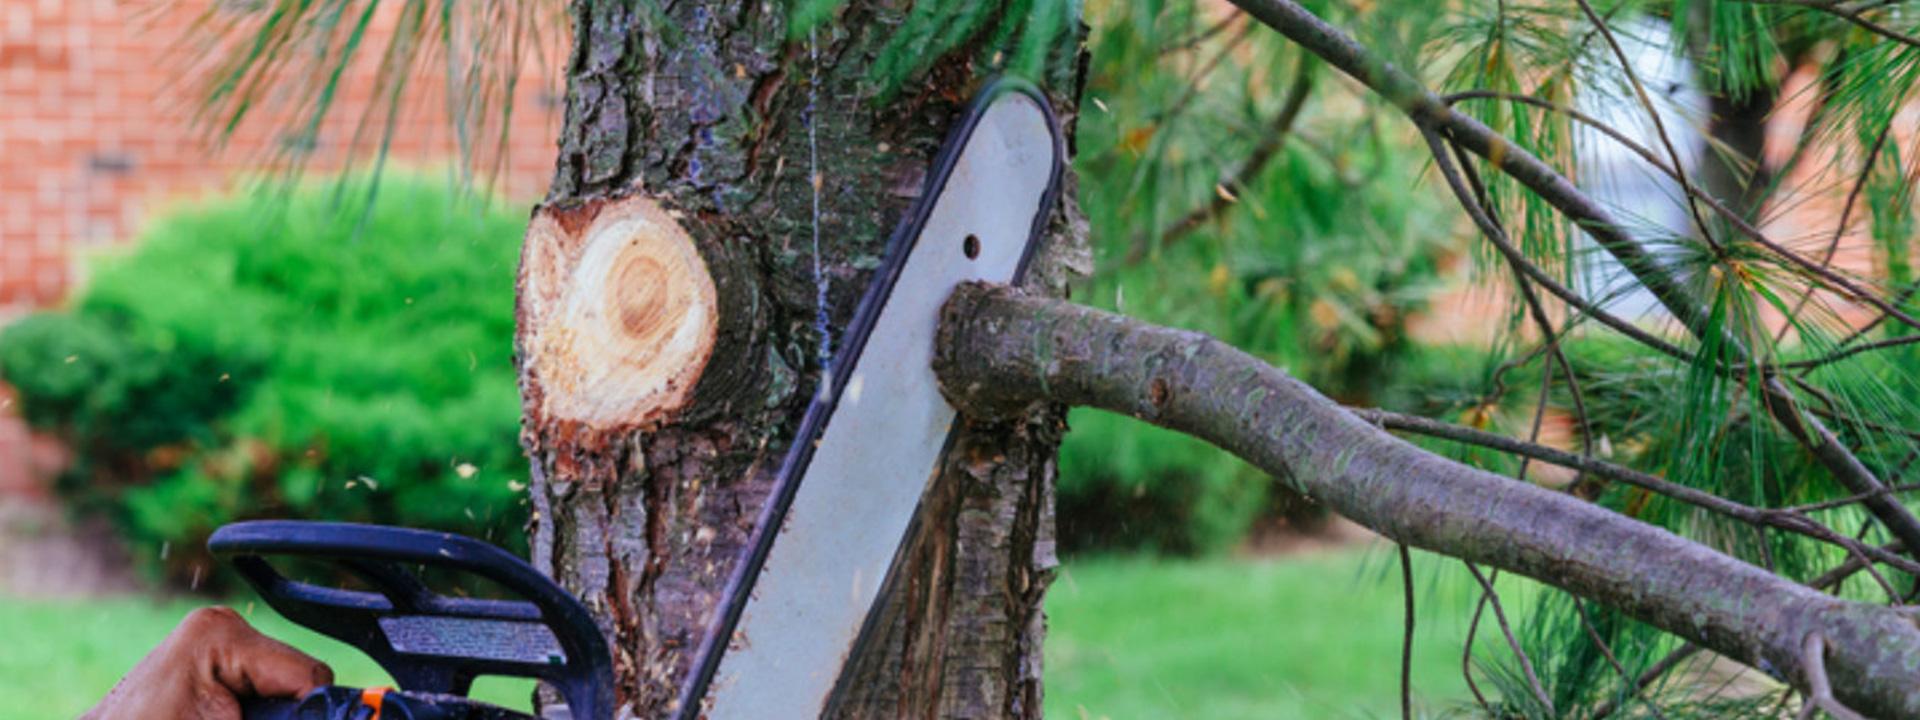 Miért fontos a kertrendezés során a nagyobb fák visszavágása?